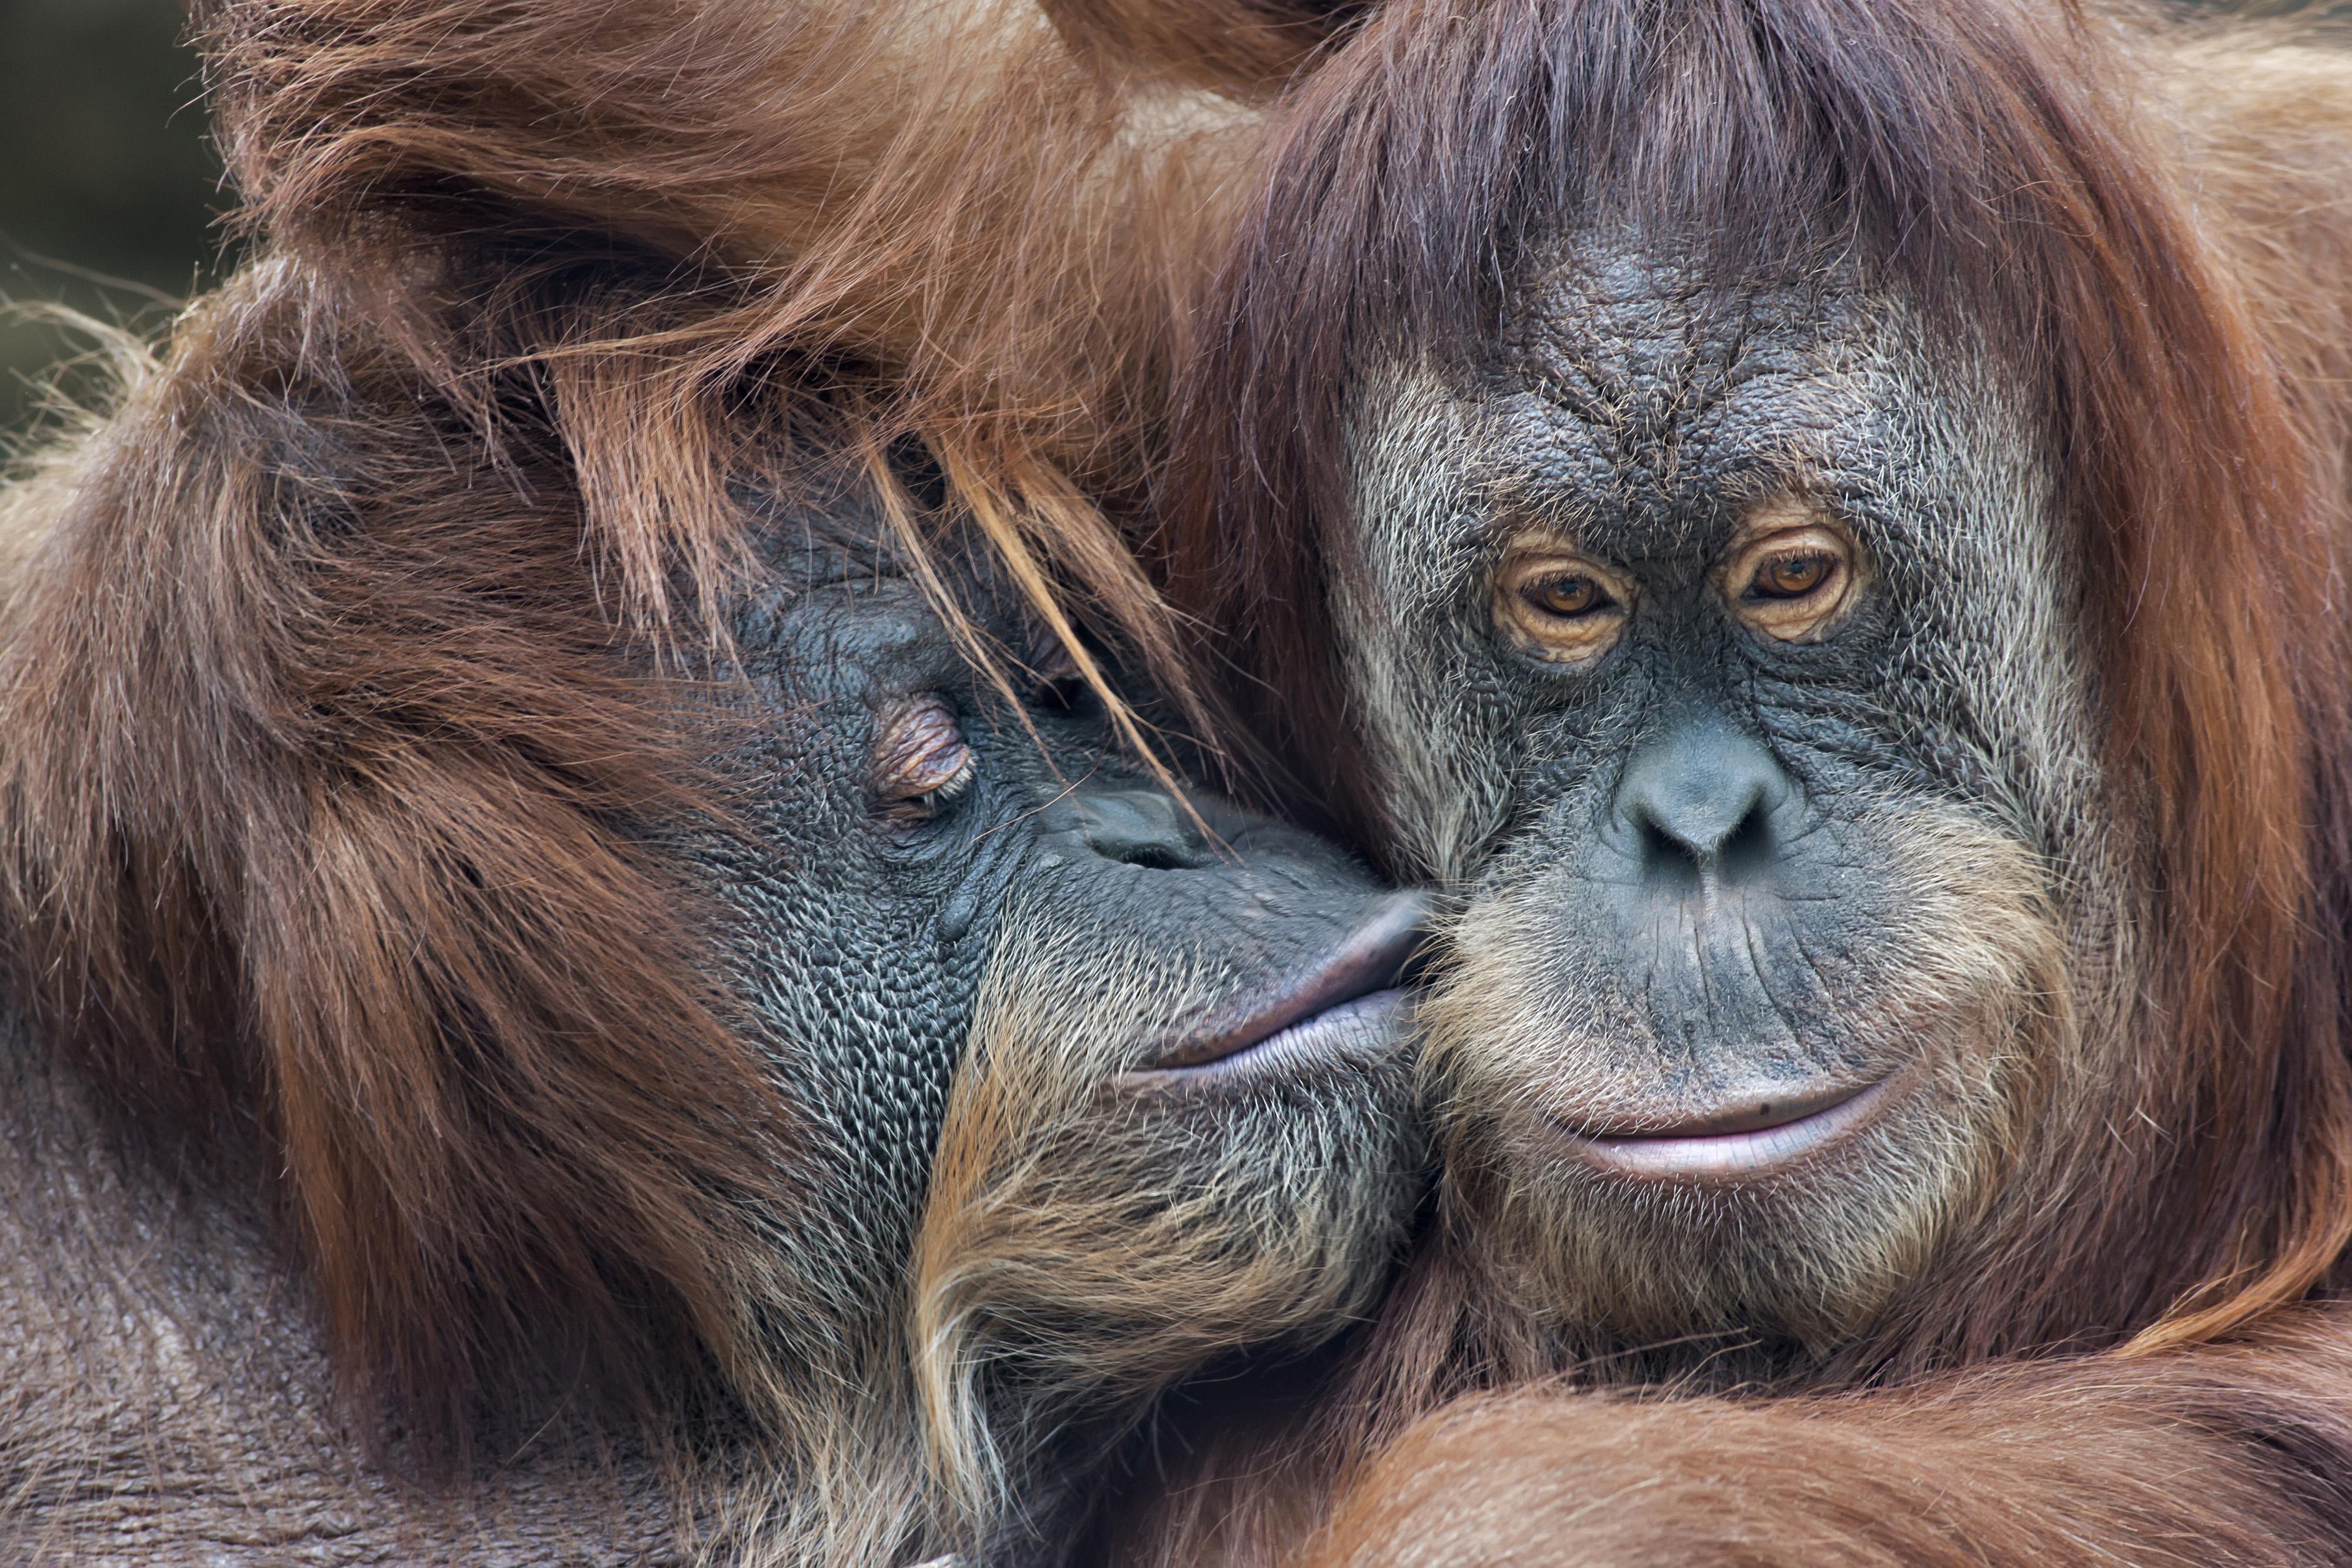 Orangutans kissing - 72 ppi